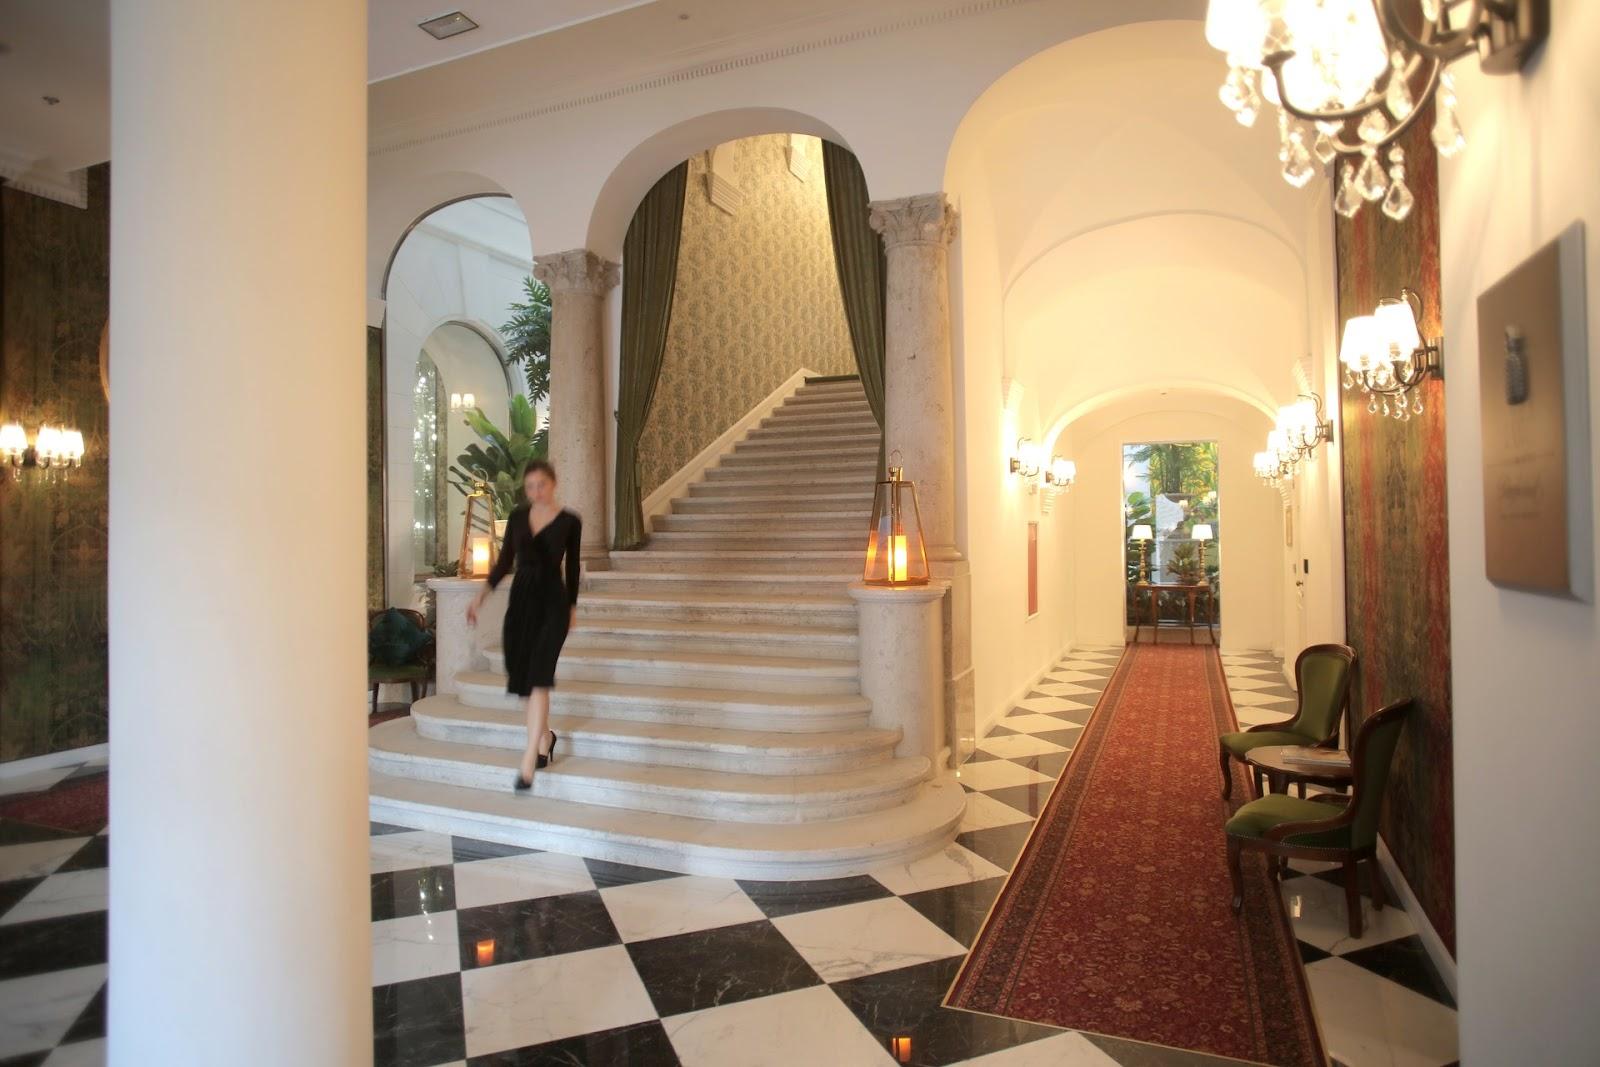 Welche Kriterien der Deutschen Hotelklassifizierung gibt es?